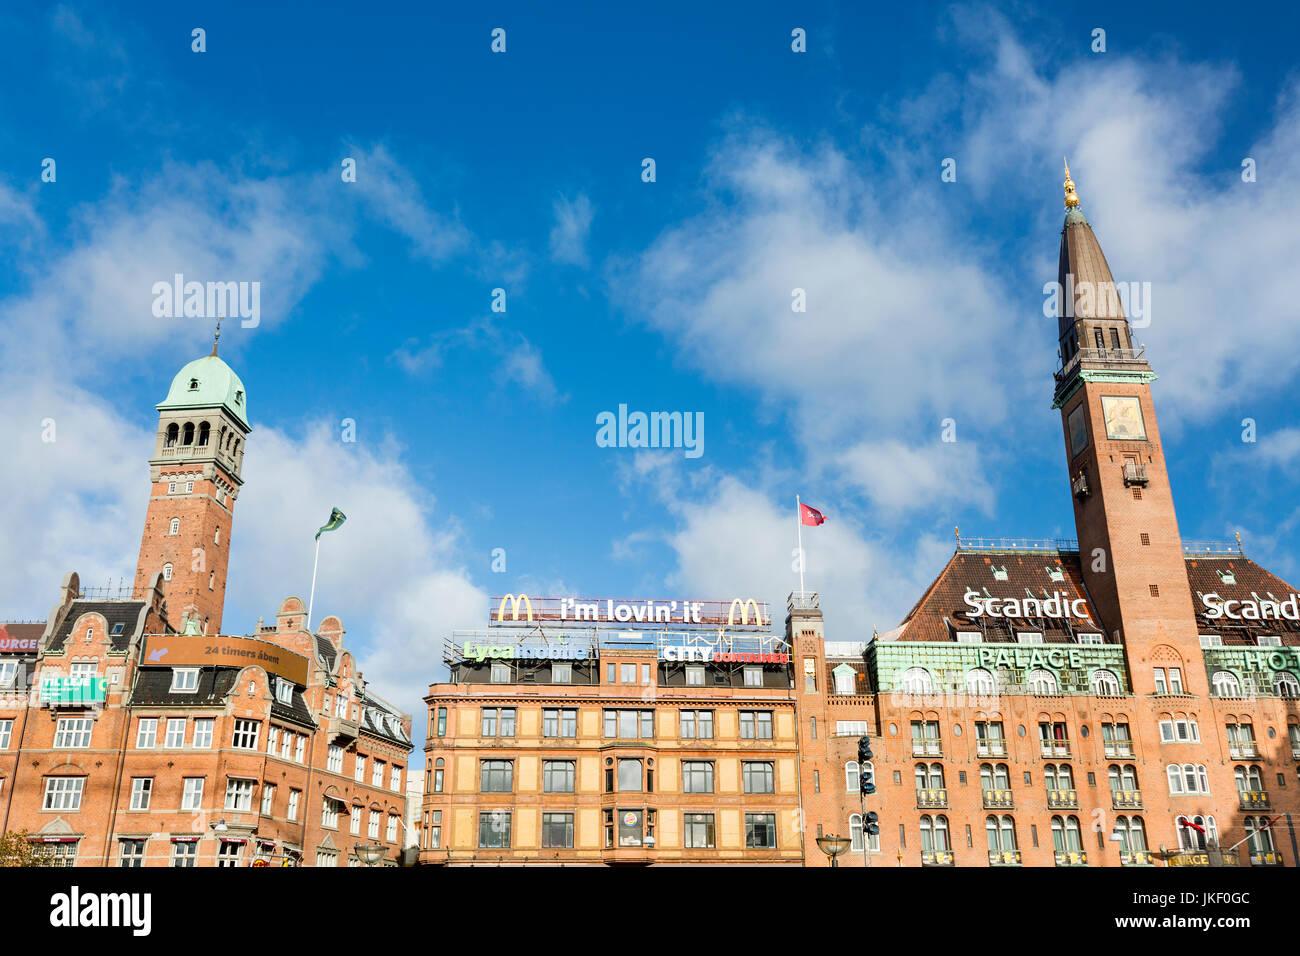 R dhuspladsen stockfotos r dhuspladsen bilder alamy for Hotels in kopenhagen zentrum